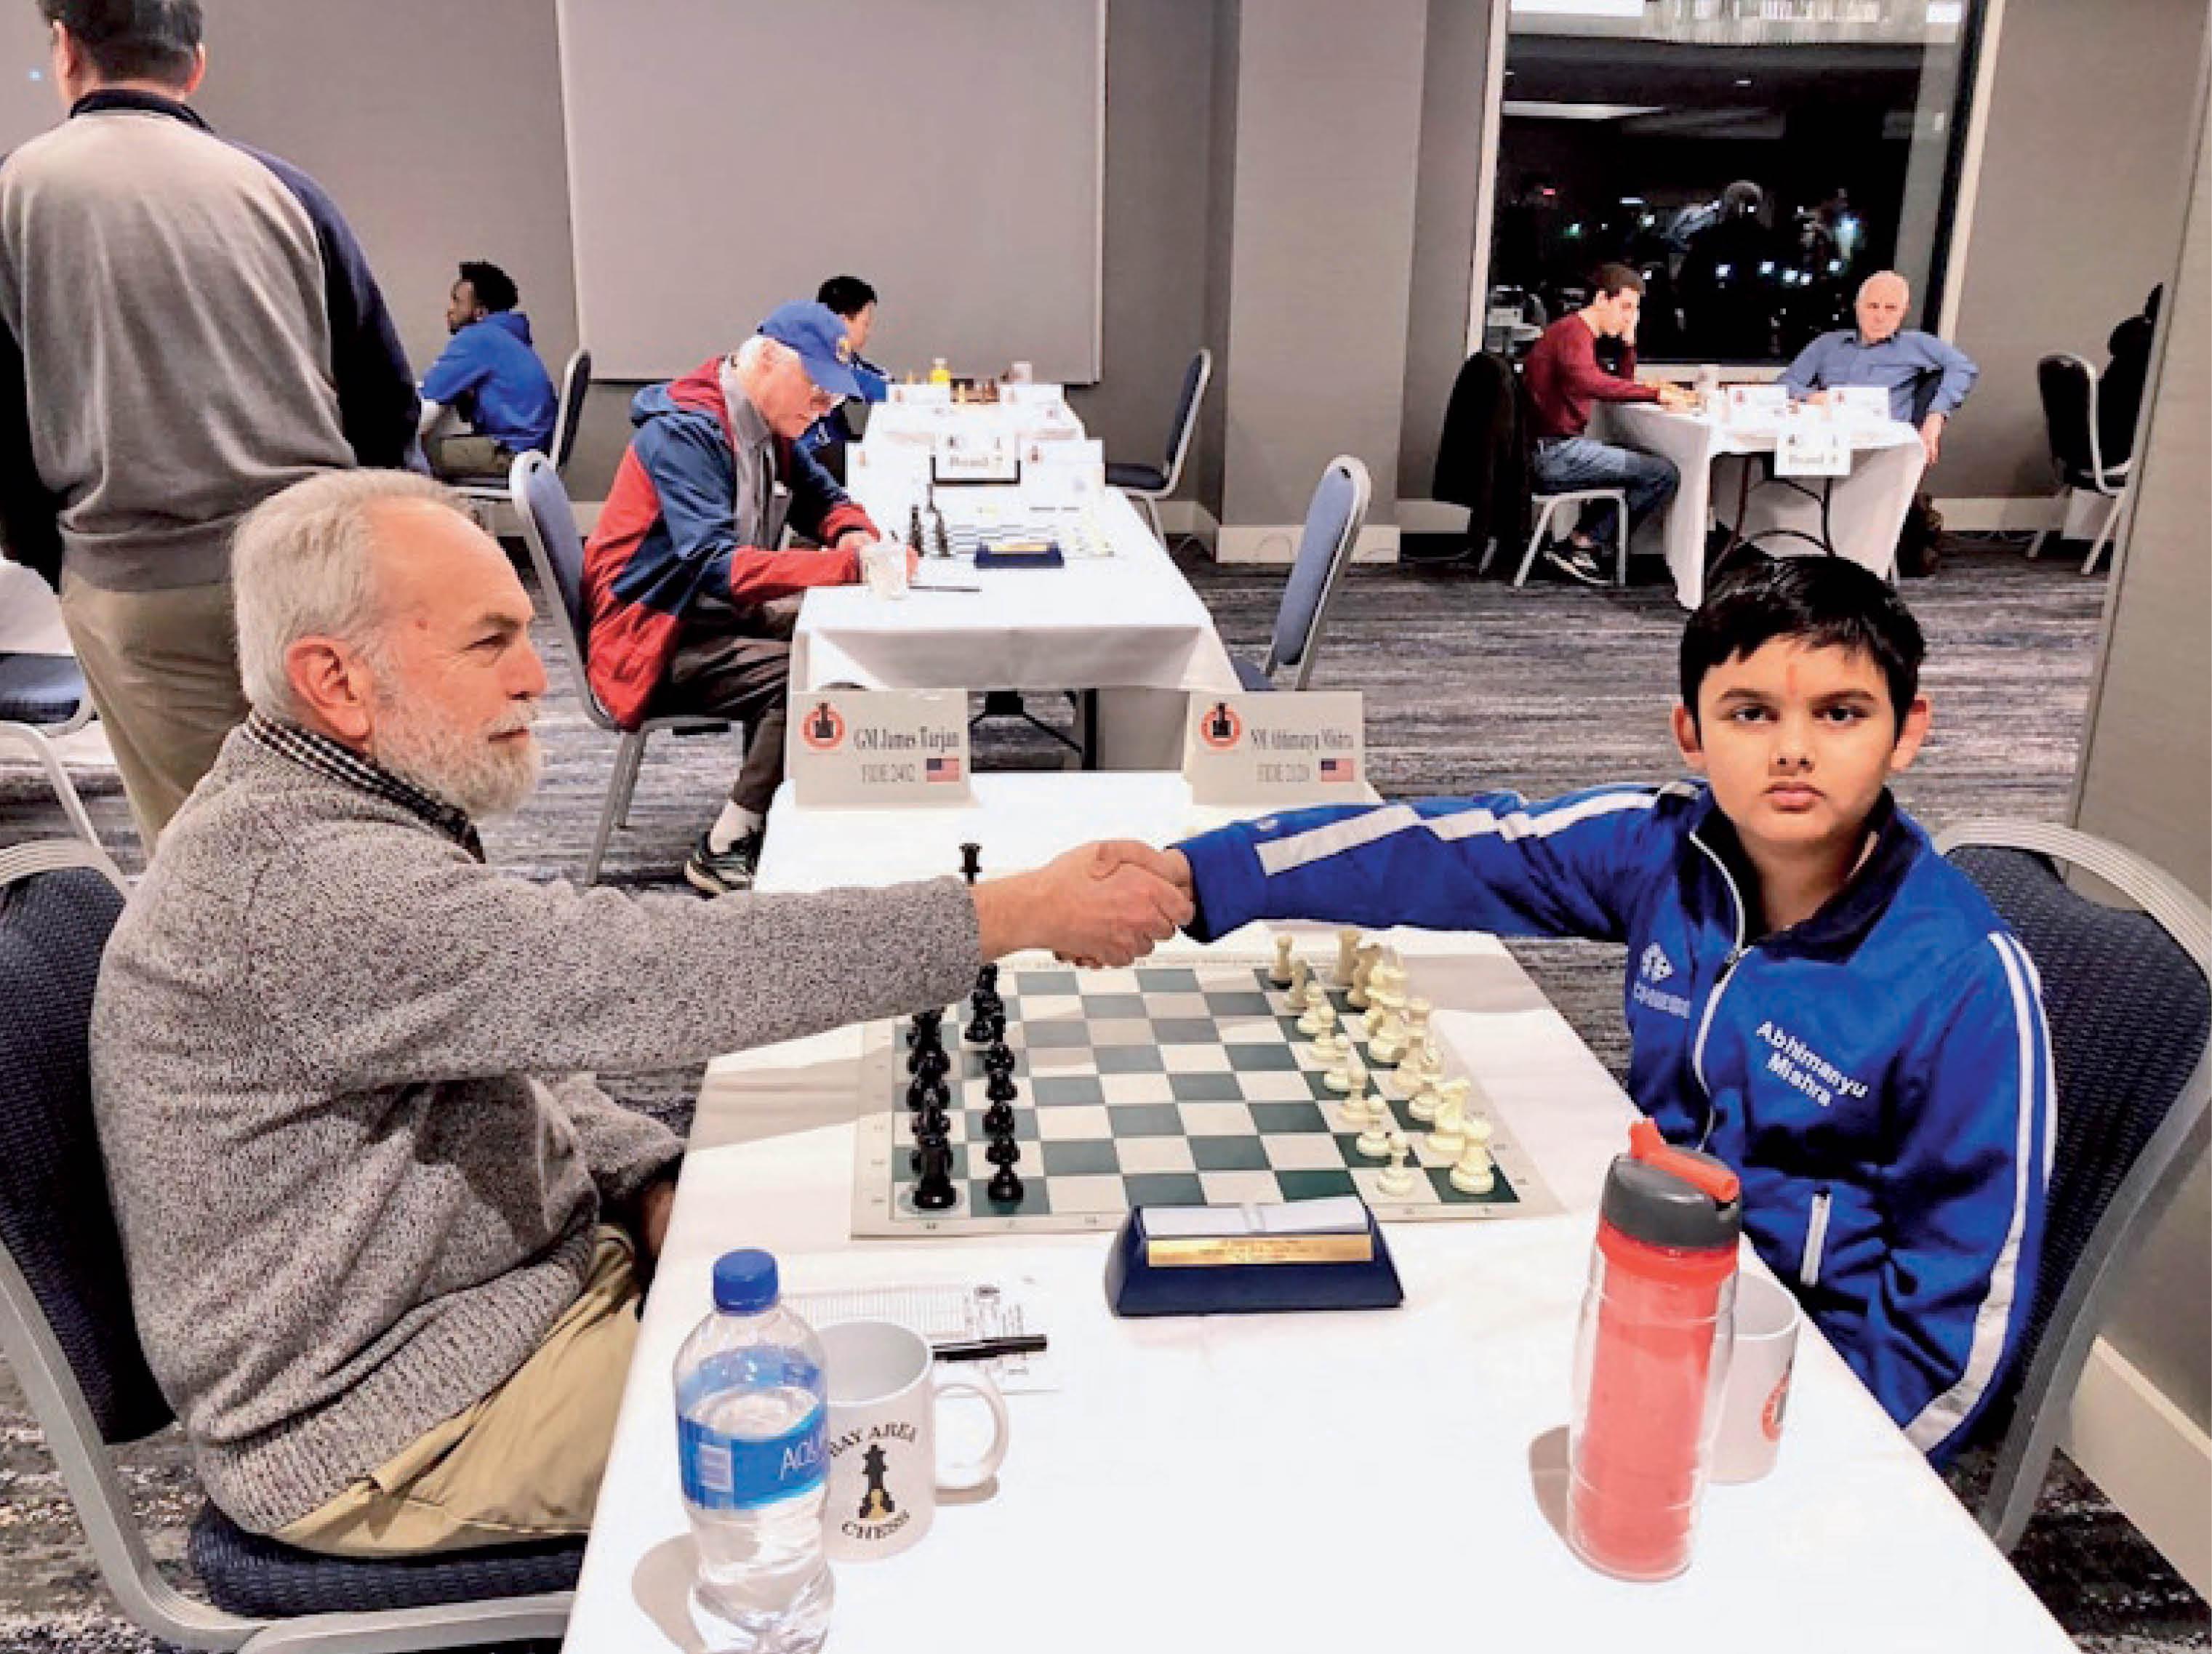 पापा ने मोबाइल से दूर रखने के लिए शतरंज सिखाया, वक्त दे सकूं इसलिए एक साल में ही 5वीं-छठी का कोर्स पूरा कर लिया: अभिमन्यु विदेश,International - Dainik Bhaskar